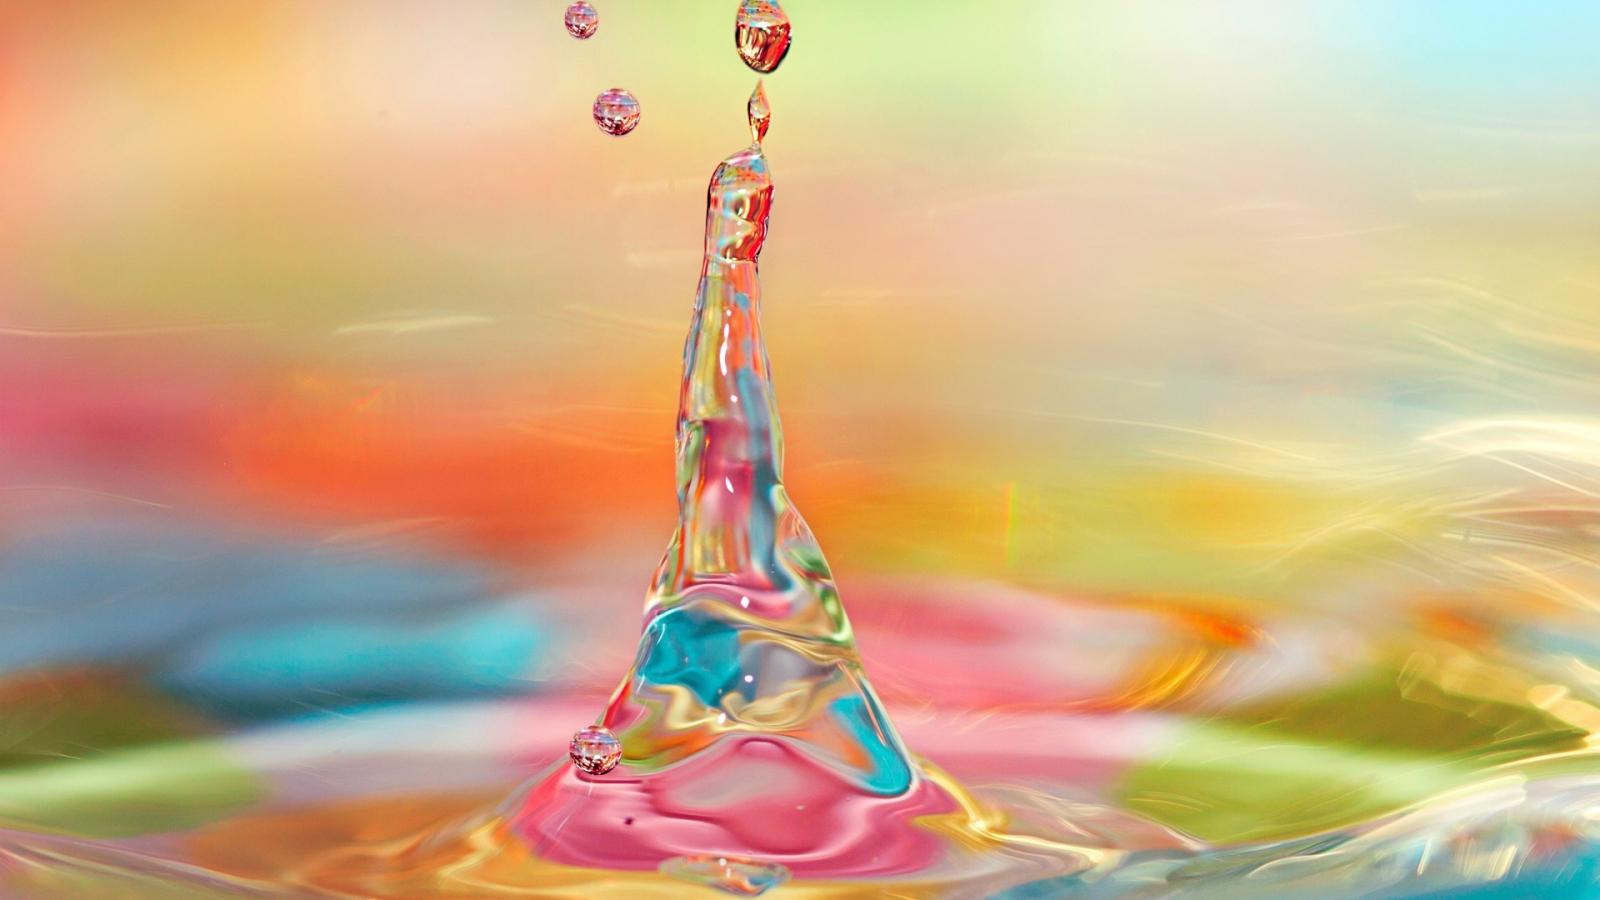 Agua y luces de colores - 1600x900